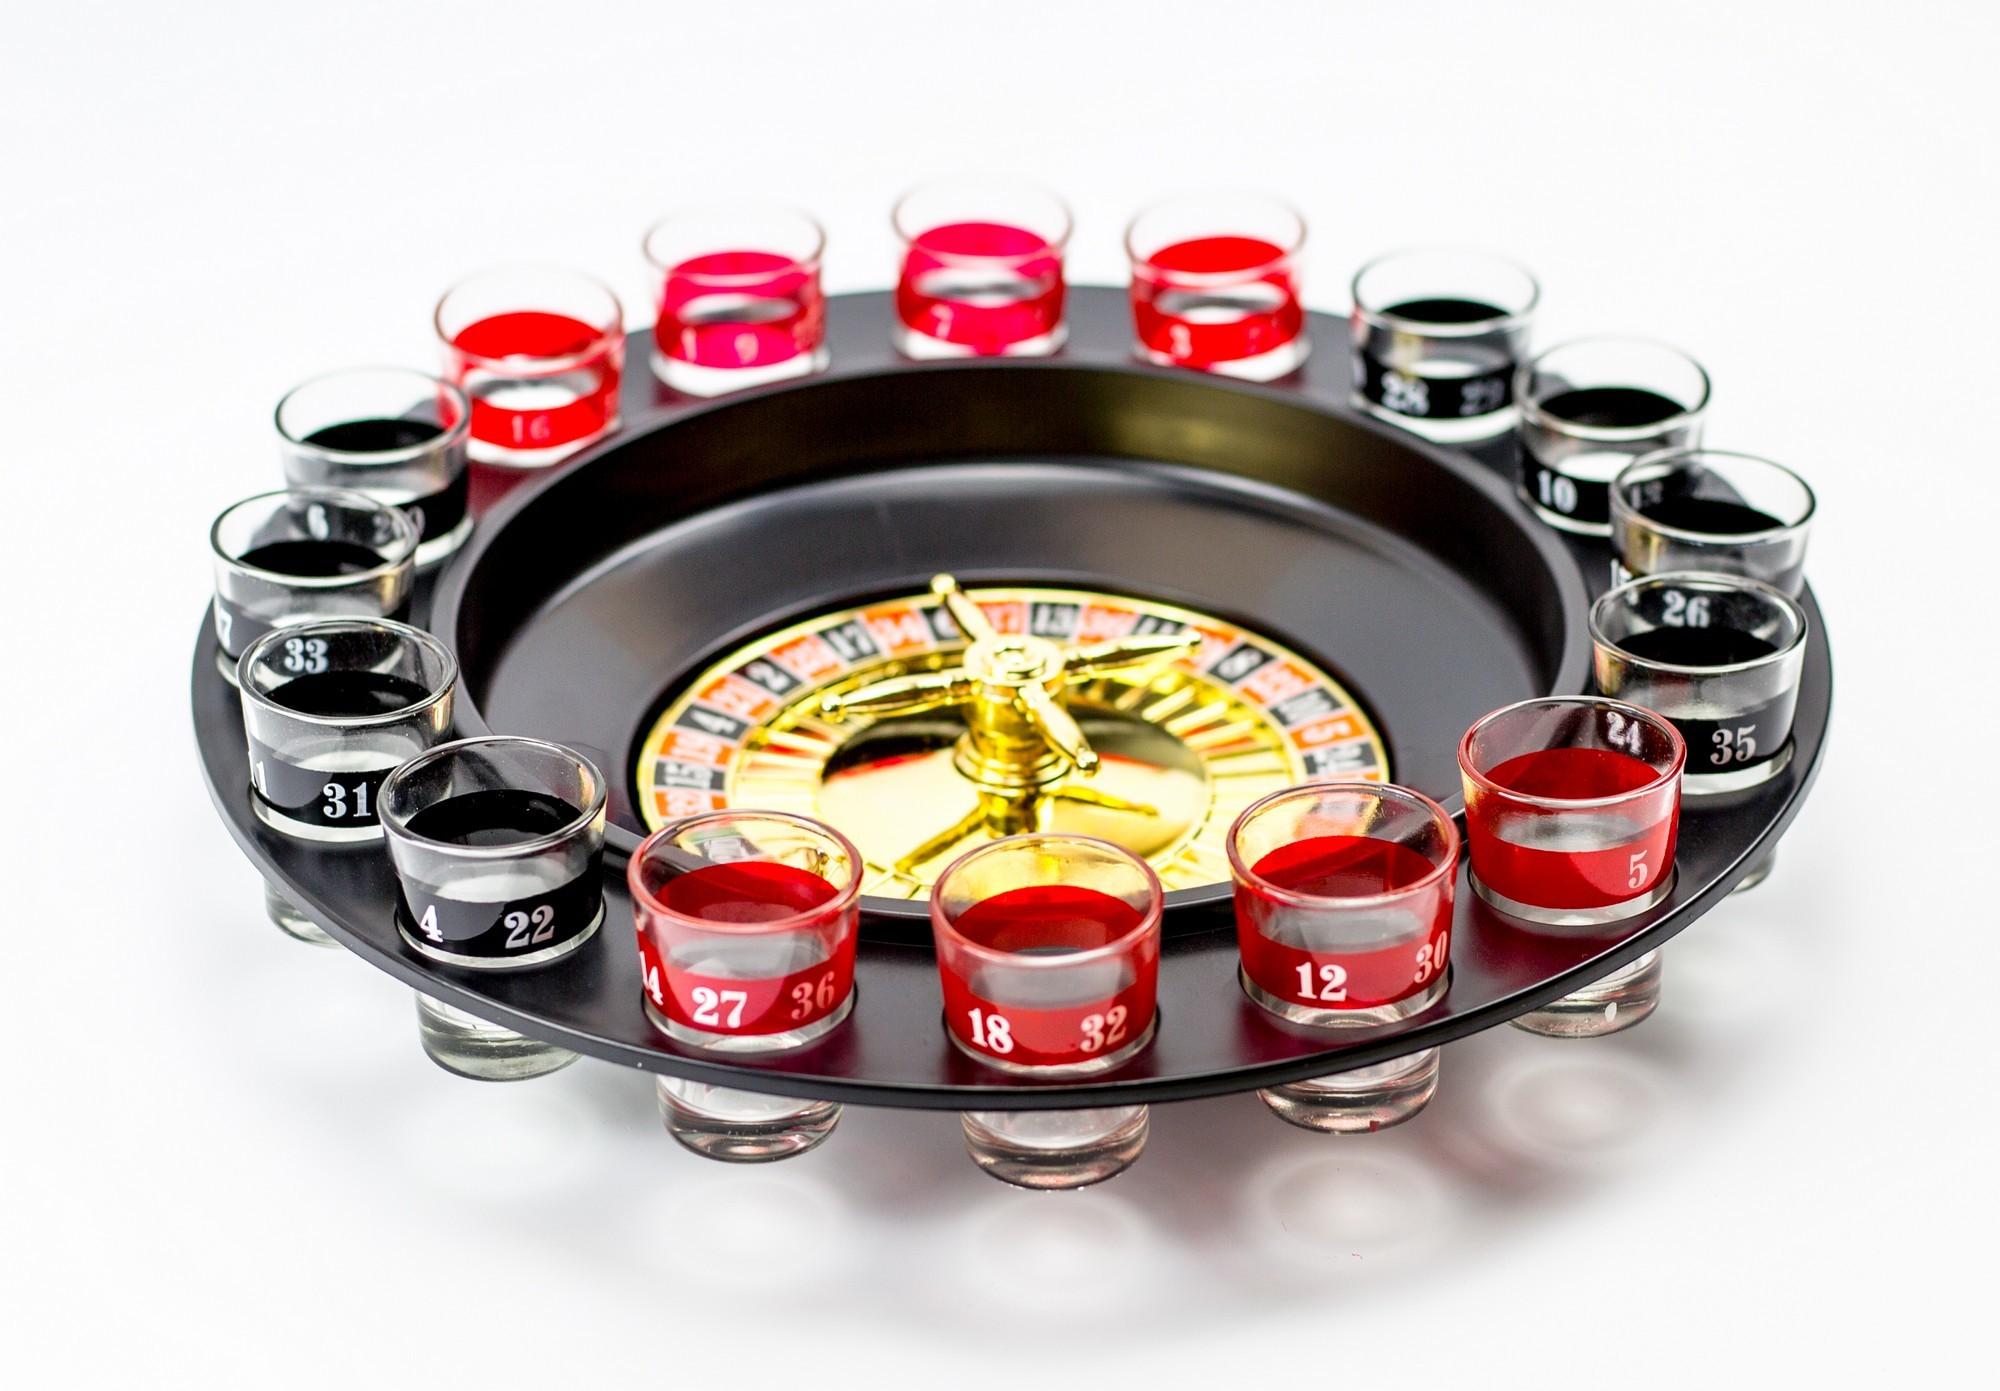 Игра «Пьяная рулетка Vegas» пьяная рулетка – подарок для шумной вечеринки